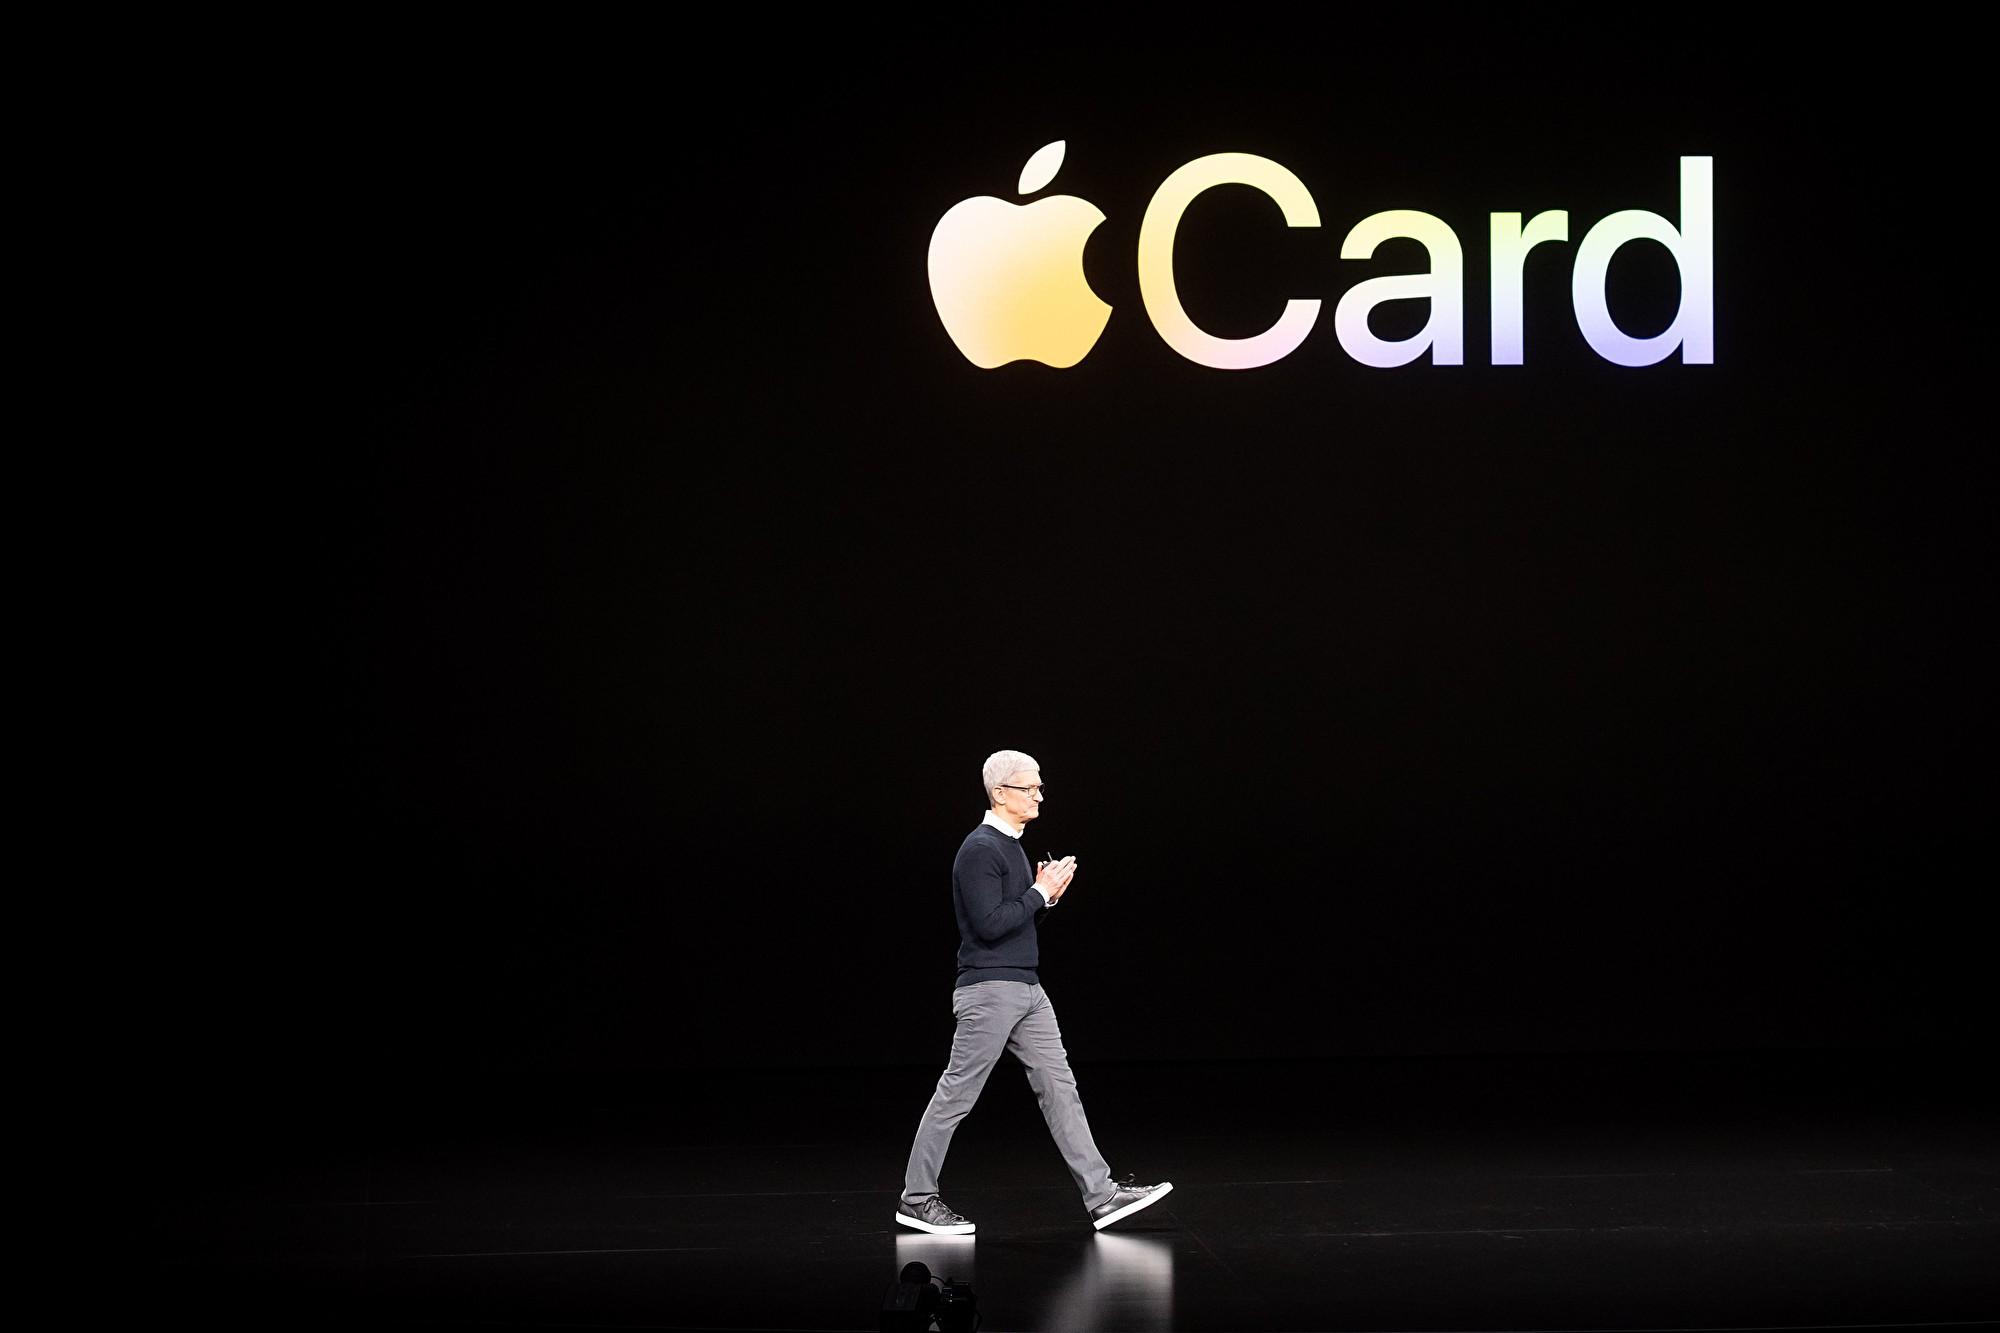 蘋果8月將推出信用卡Apple Card